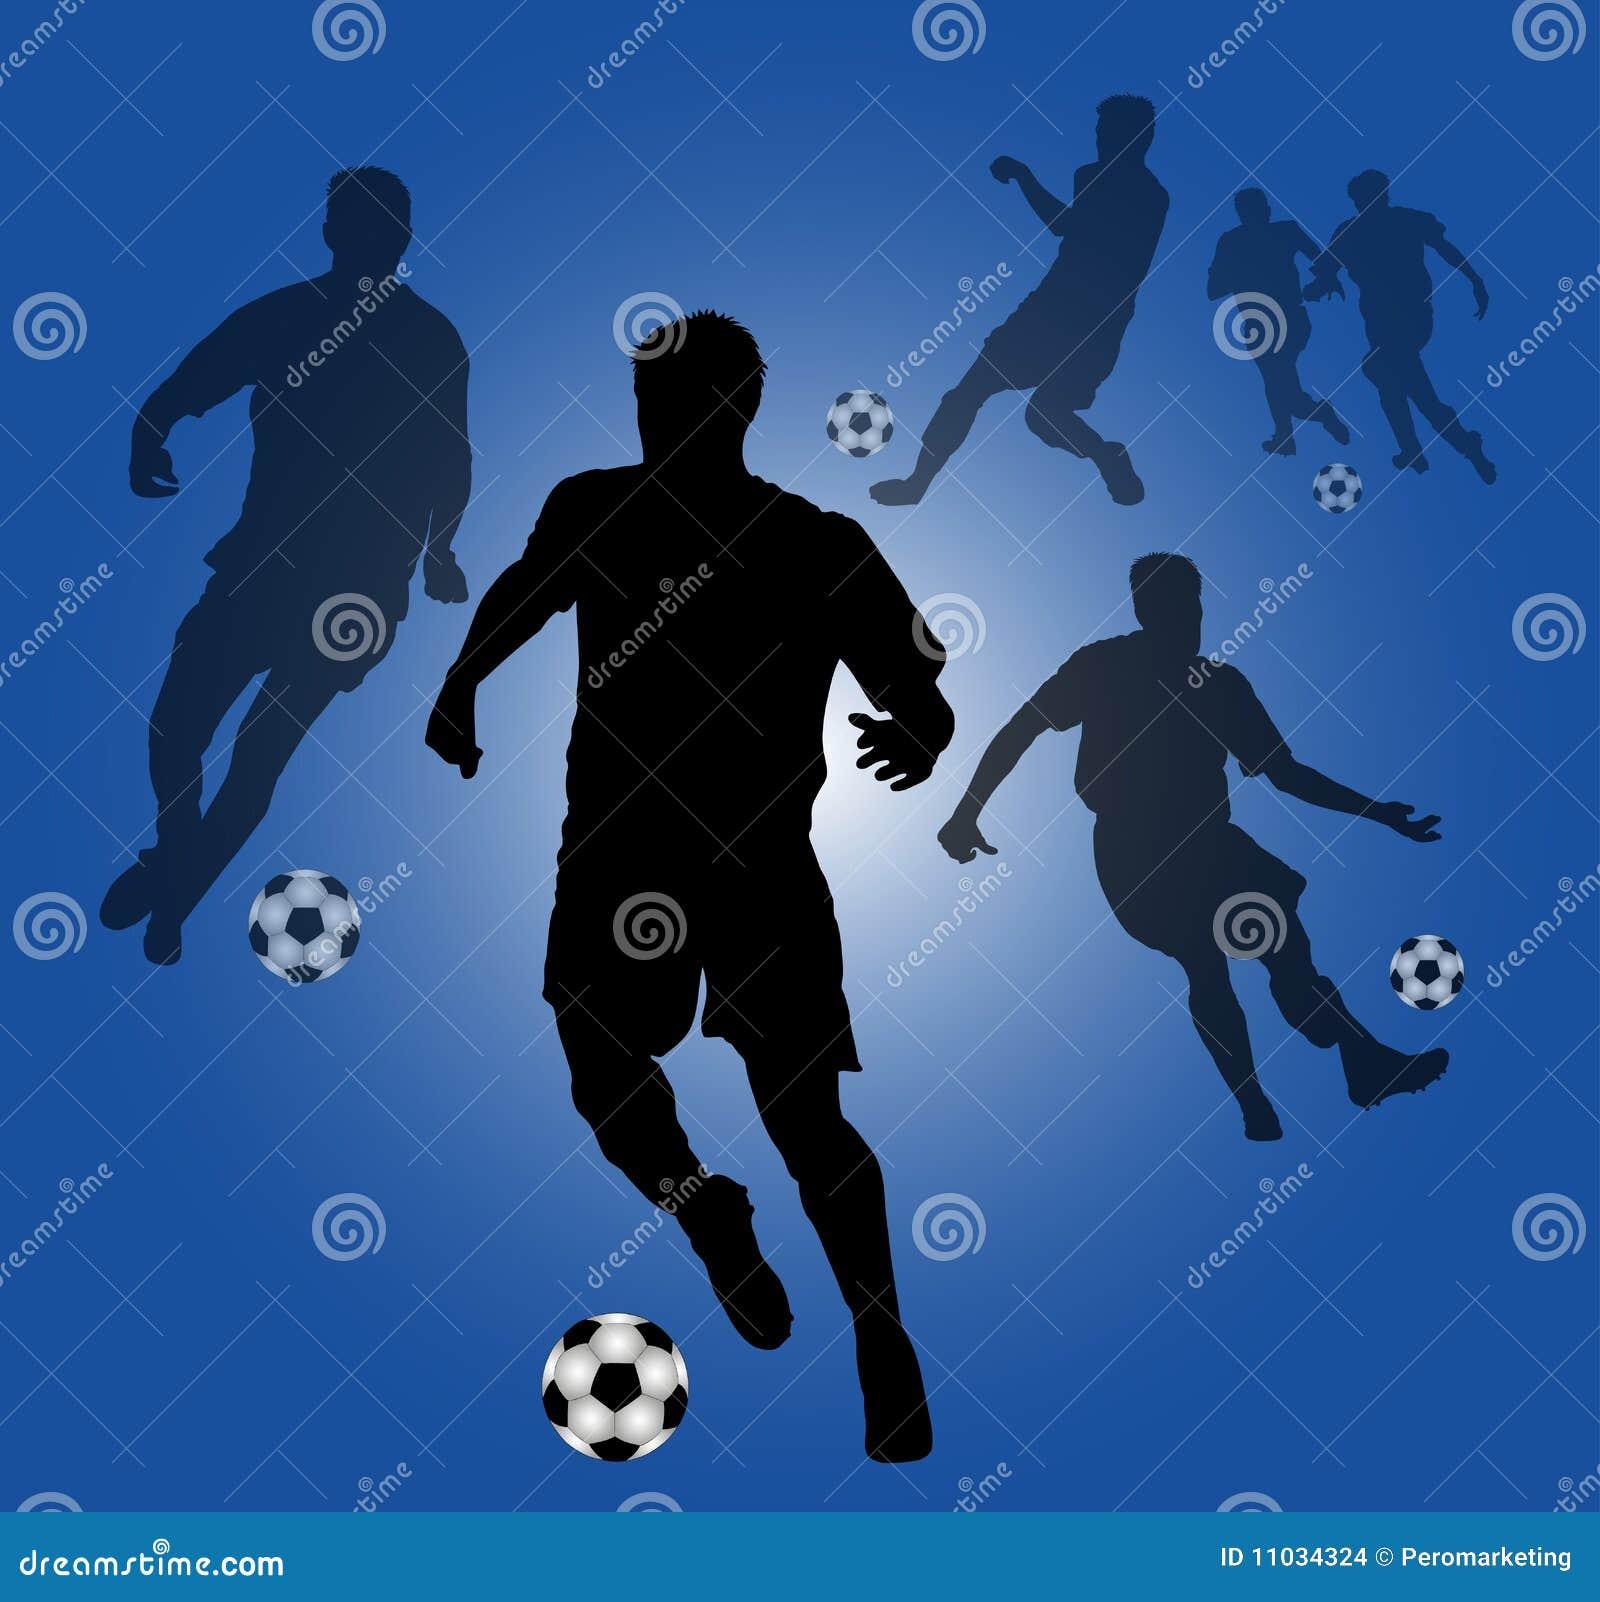 Fondo Azul Con Las Siluetas De Los Jugadores De Fútbol Ilustración ... 4b1989e192de2